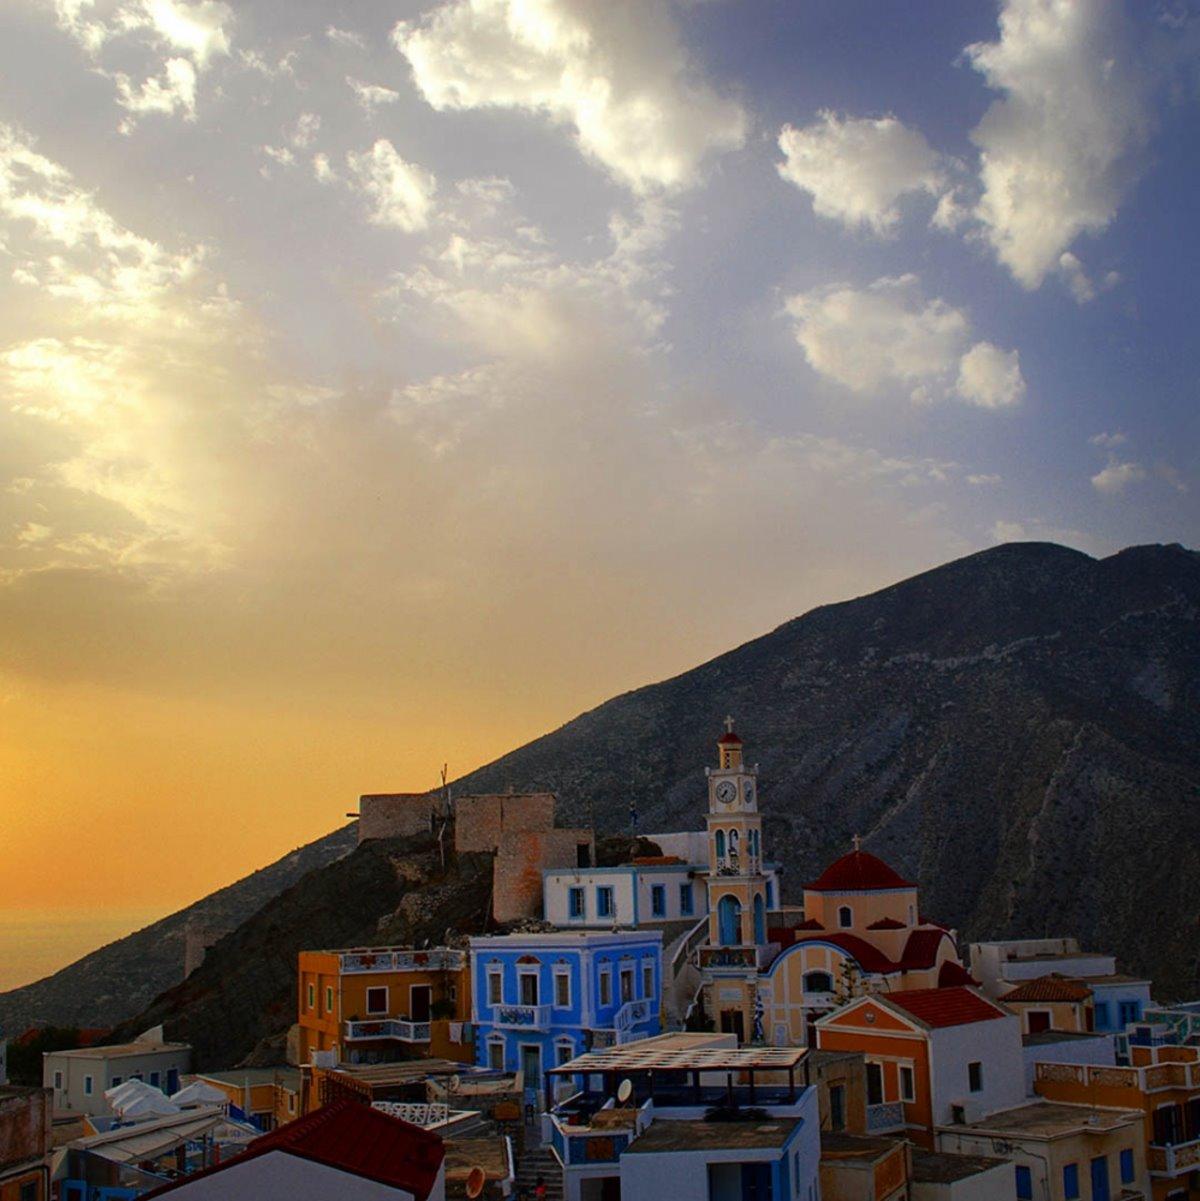 Όλυμπος στην Κάρπαθο το μοναδικό ορεινό χωριό πολύχρωμα σπίτια υπέροχο ηλιοβασίλεμα